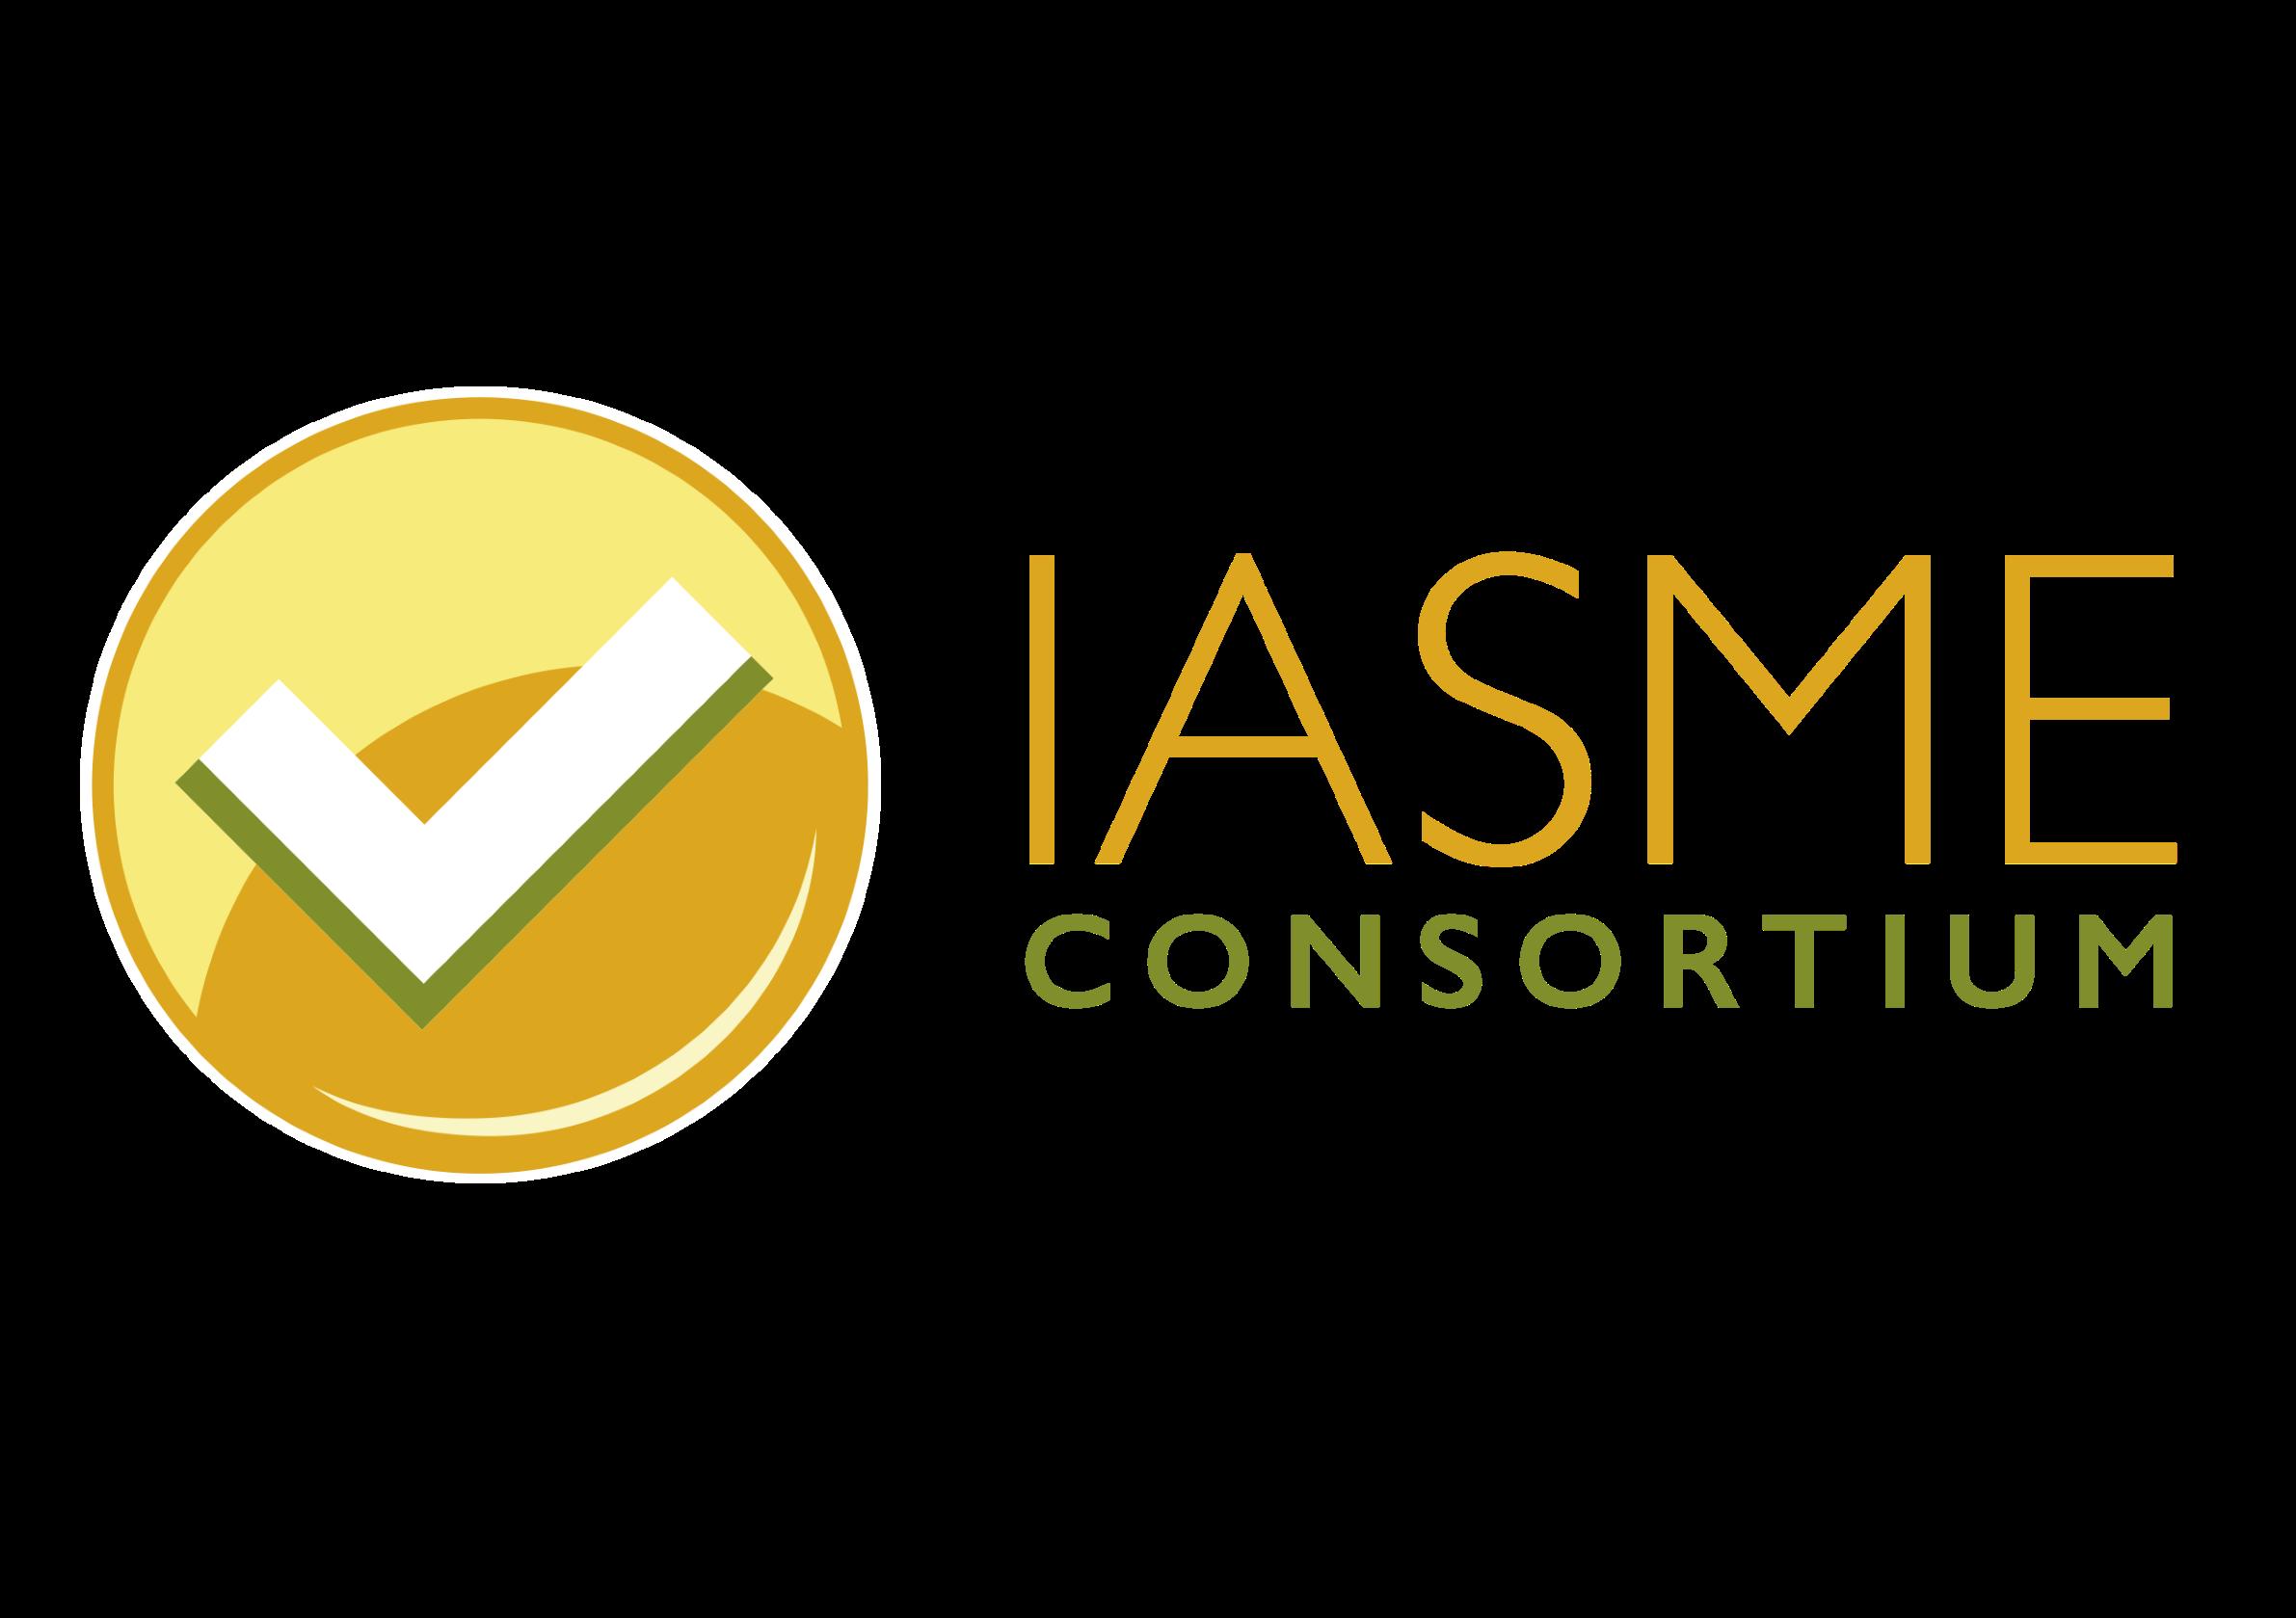 IASME Consortium badge